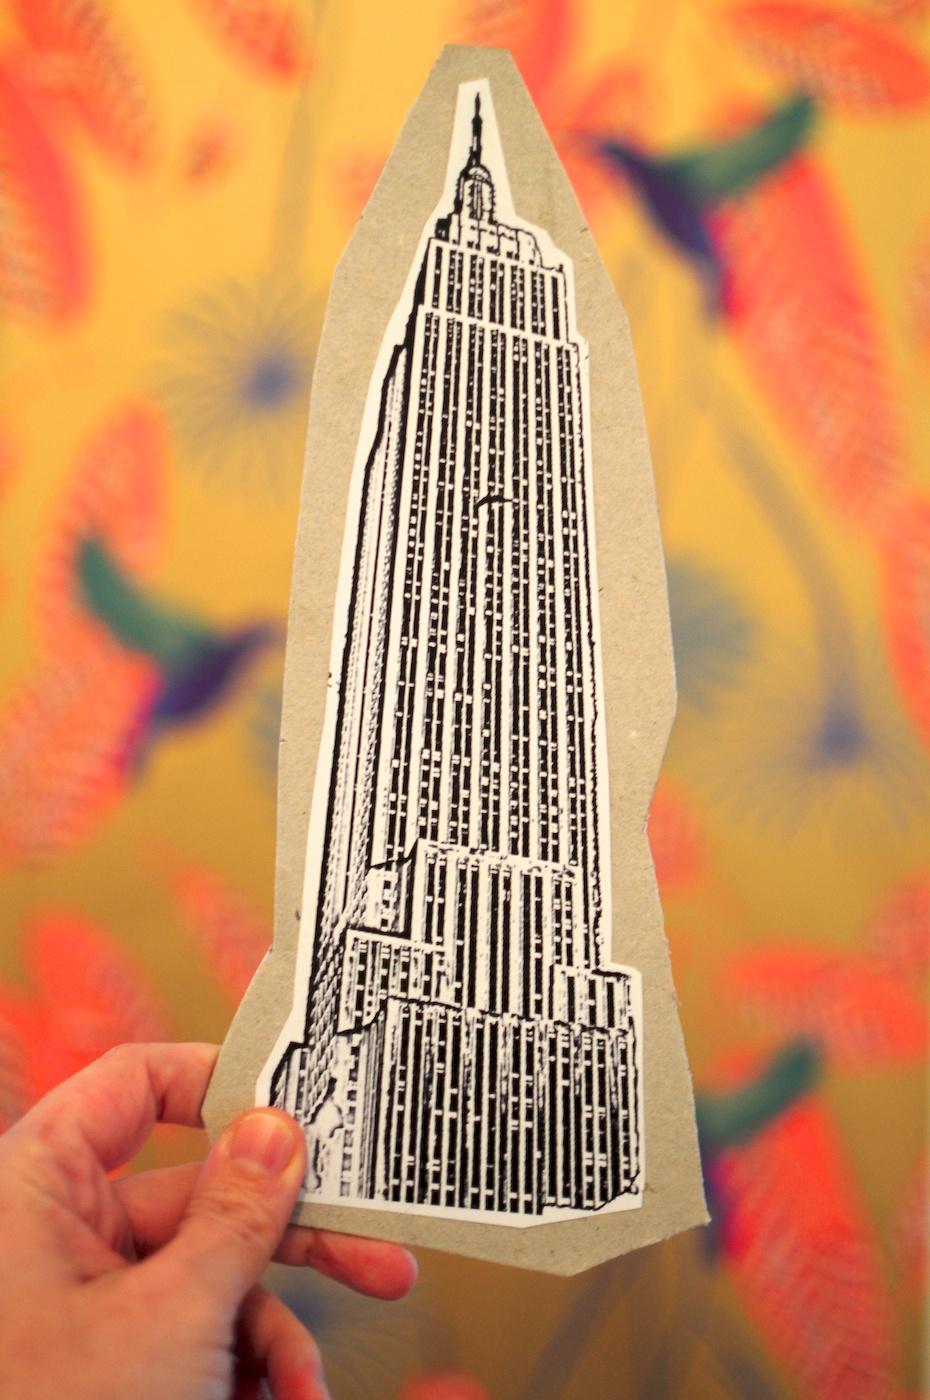 Be Creative #18 - Carboard skycraper, © Ines Häufler, 2011